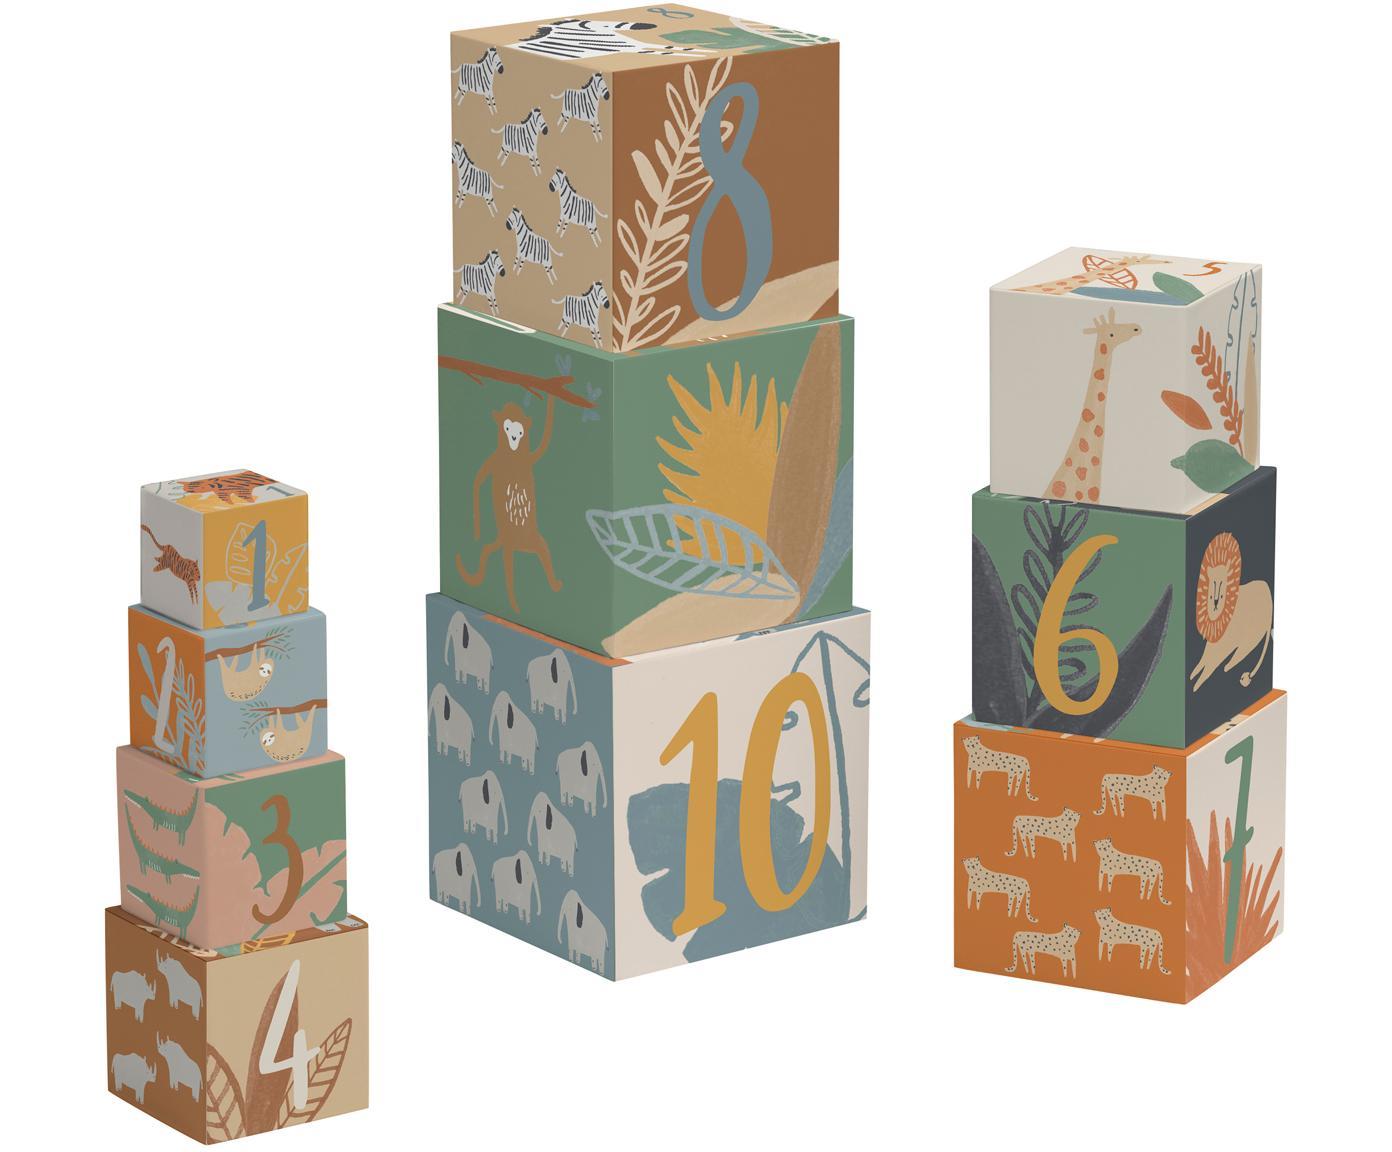 Stapelblokkenset Wildlife, 10-delig, Massief karton, Multicolour, 13 x 13 cm